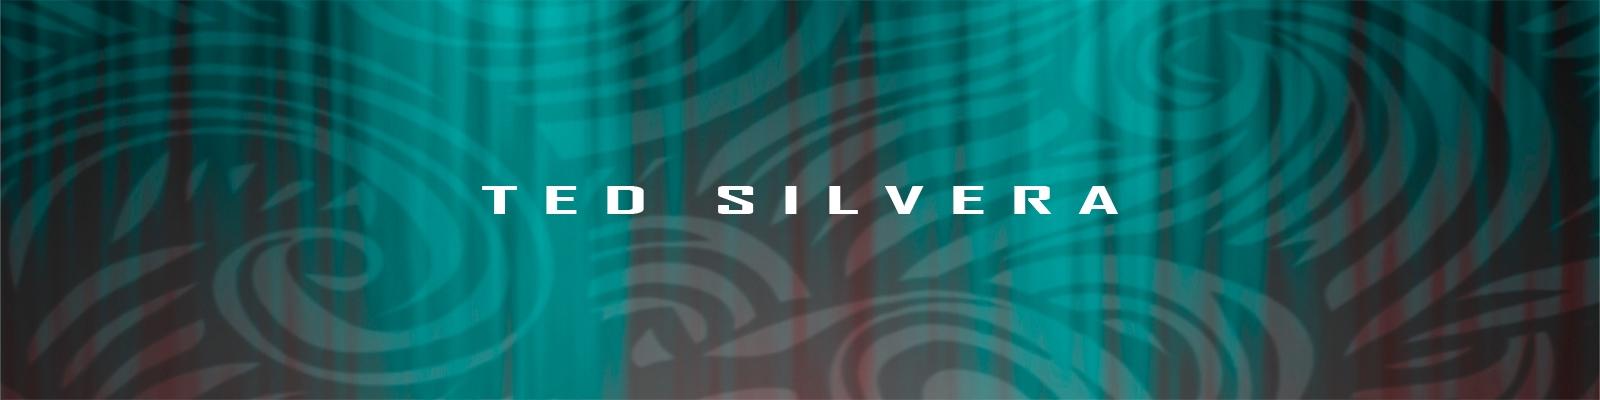 Ted Silvera (@tedsilvera) Cover Image